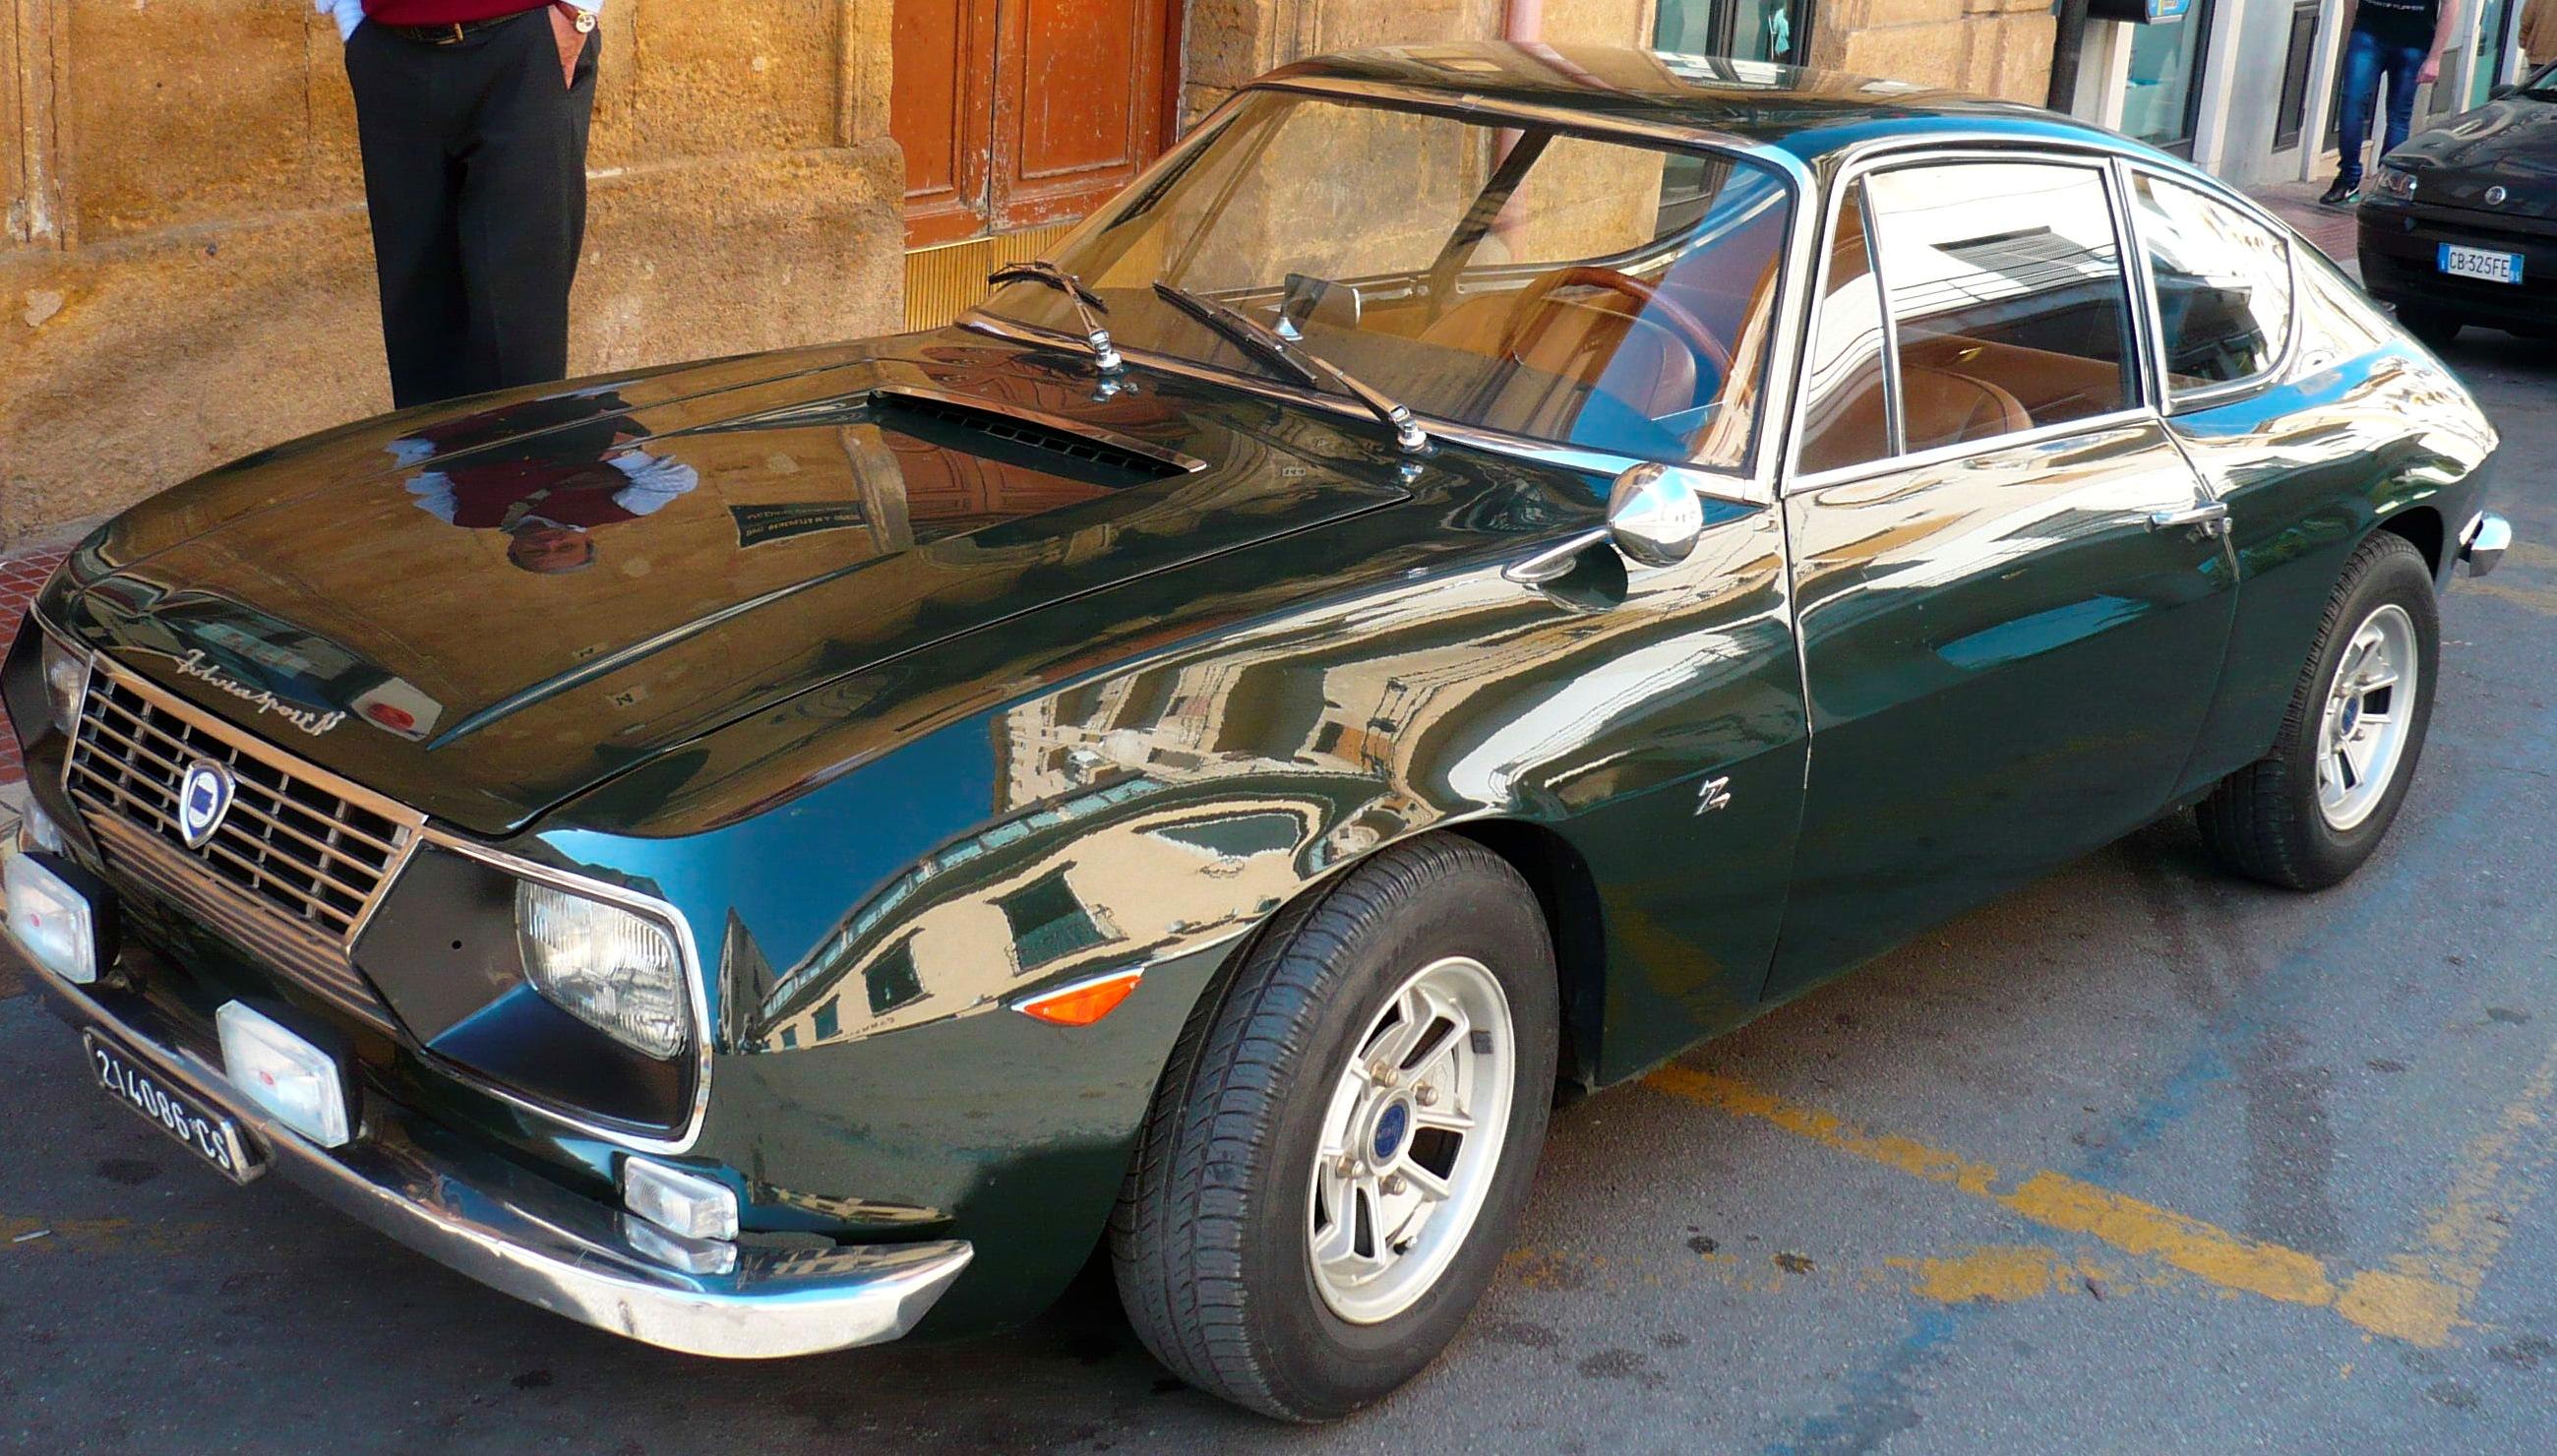 https://upload.wikimedia.org/wikipedia/commons/0/05/Lancia_Fulvia_Sport_1%2C3_Zagato_verde_1968_0064.jpg